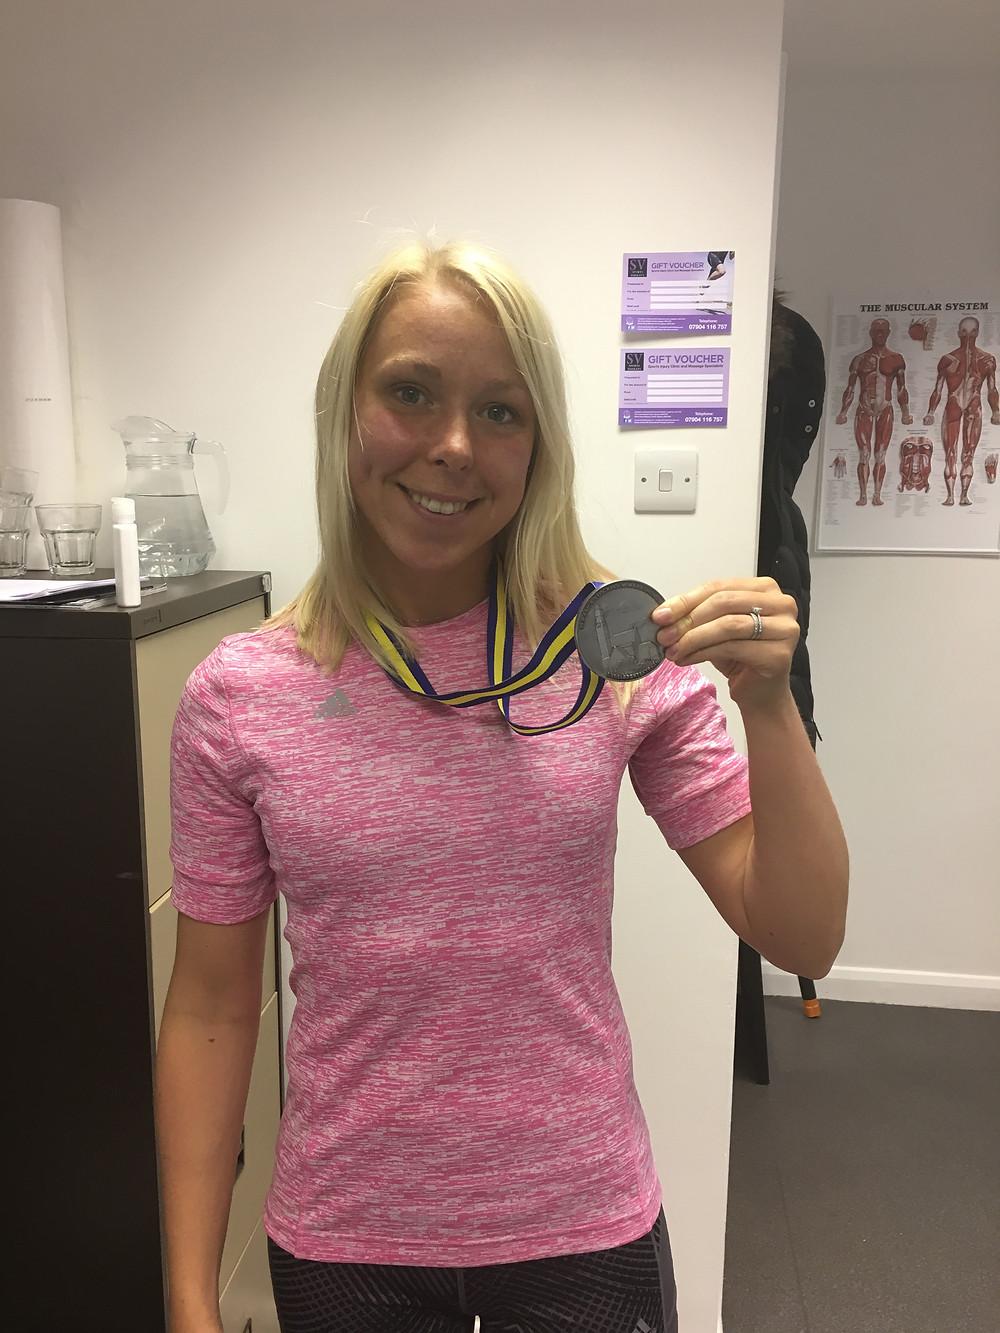 Dani Nimmock with Stockholm Marathon medal